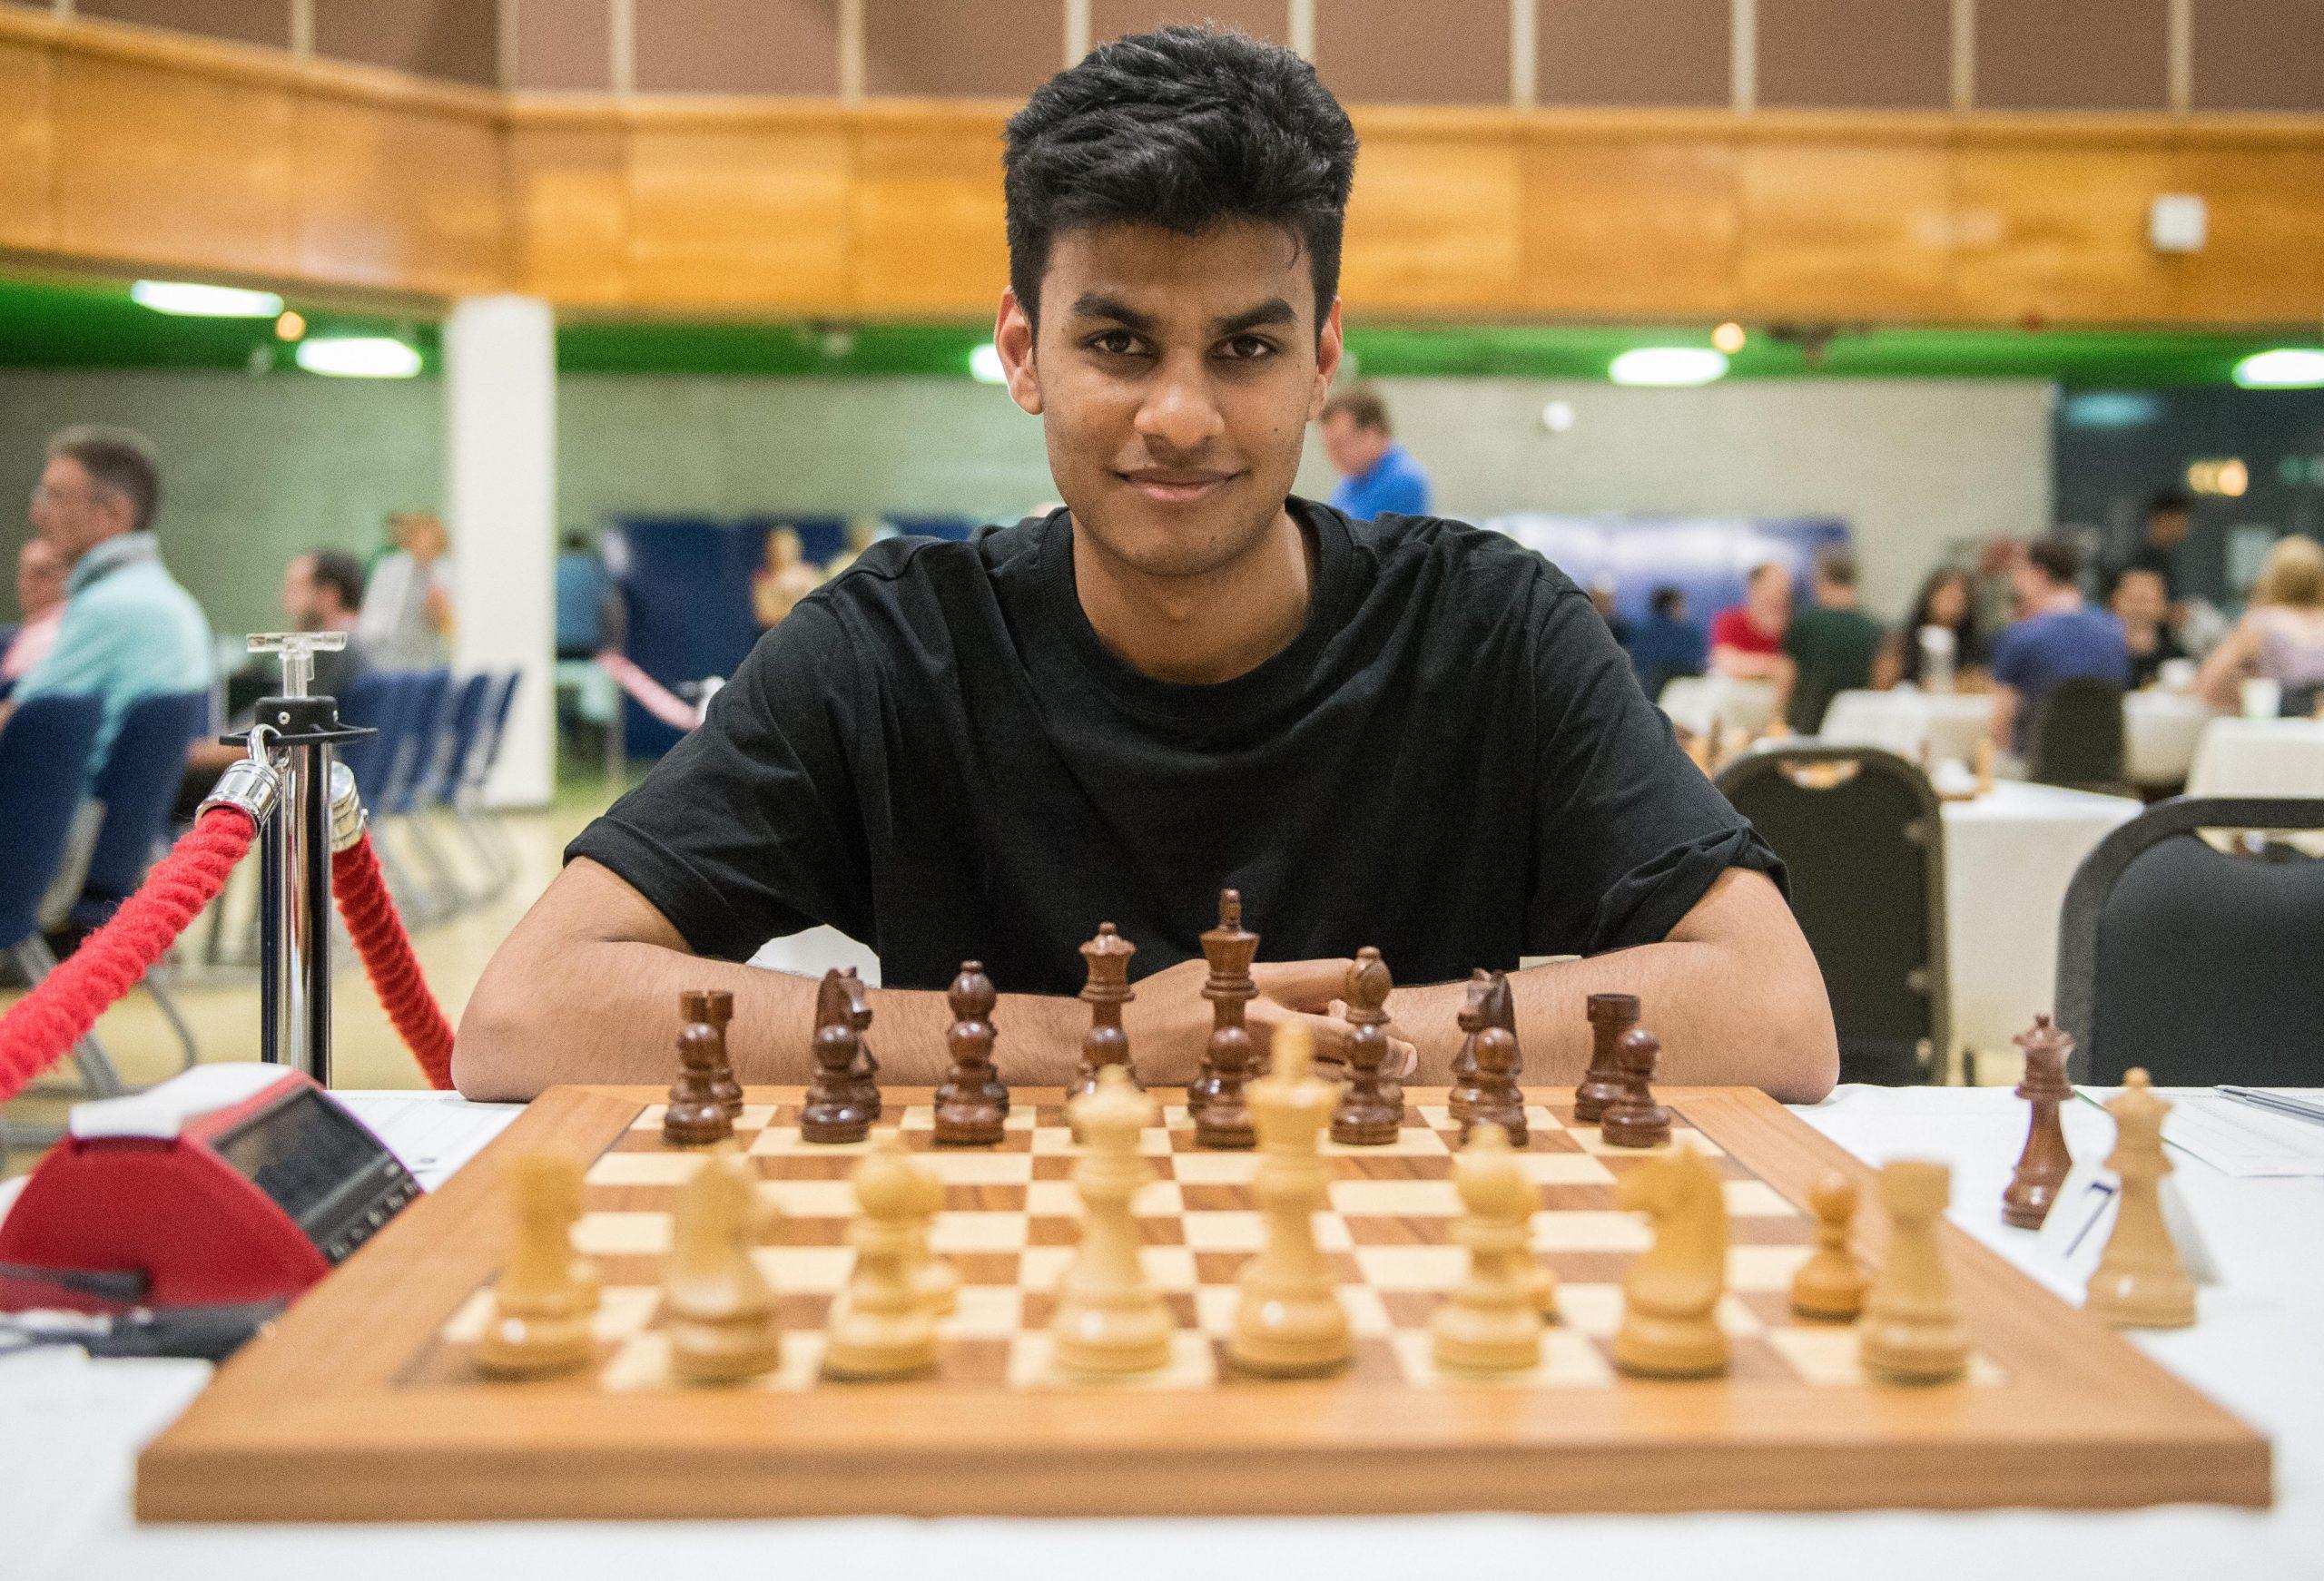 IM Ravi Haria, 2019 British Championships, Torquay